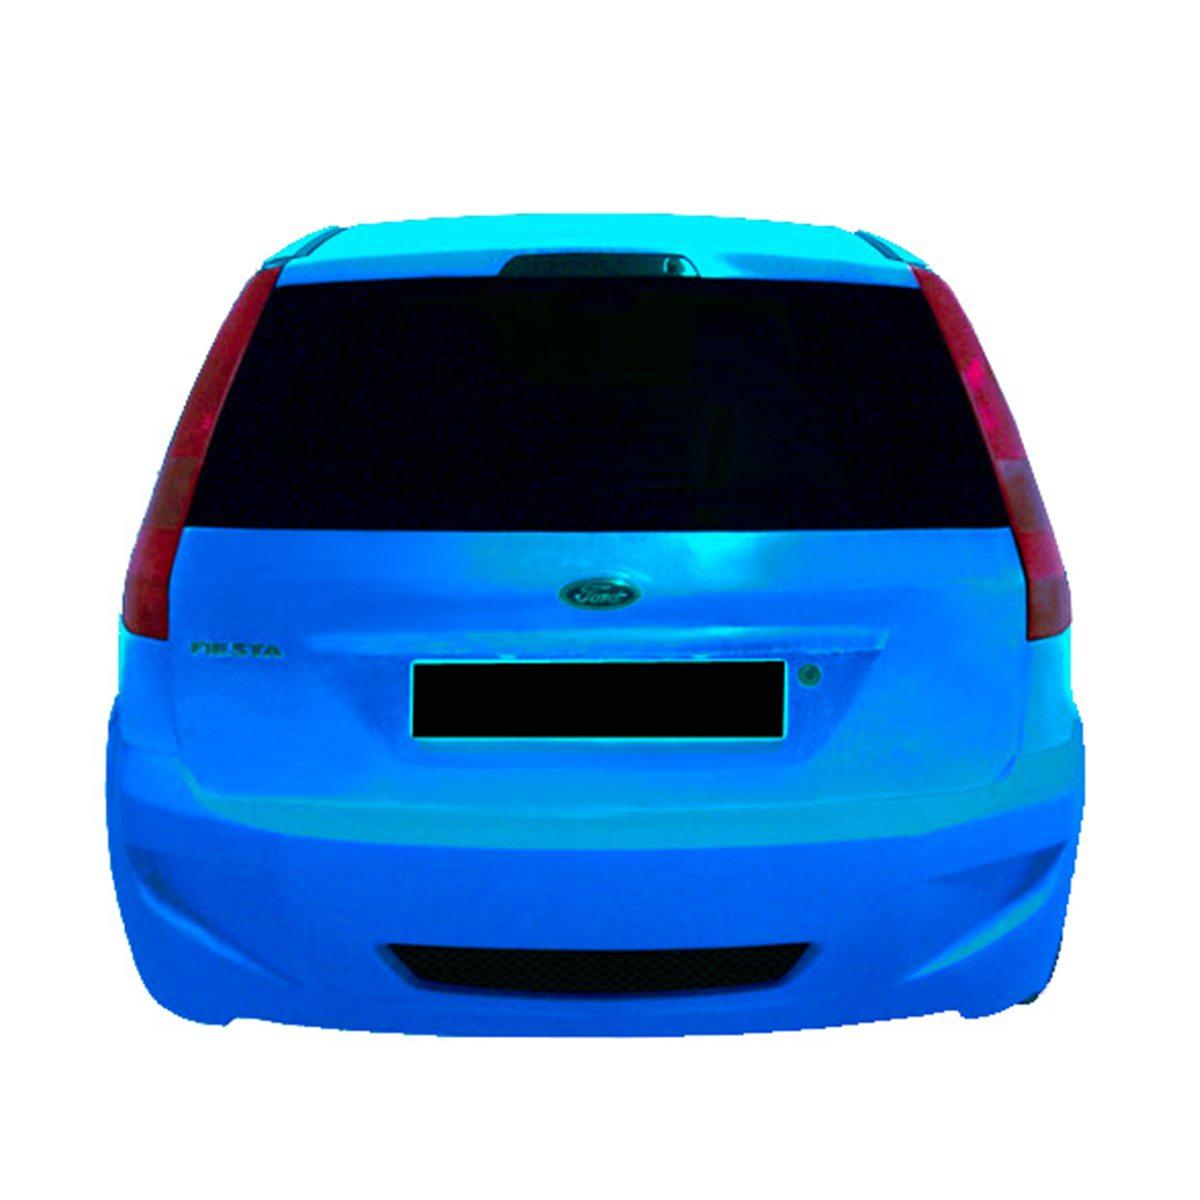 Ford-Fiesta-02-Raven-tras-PCS080